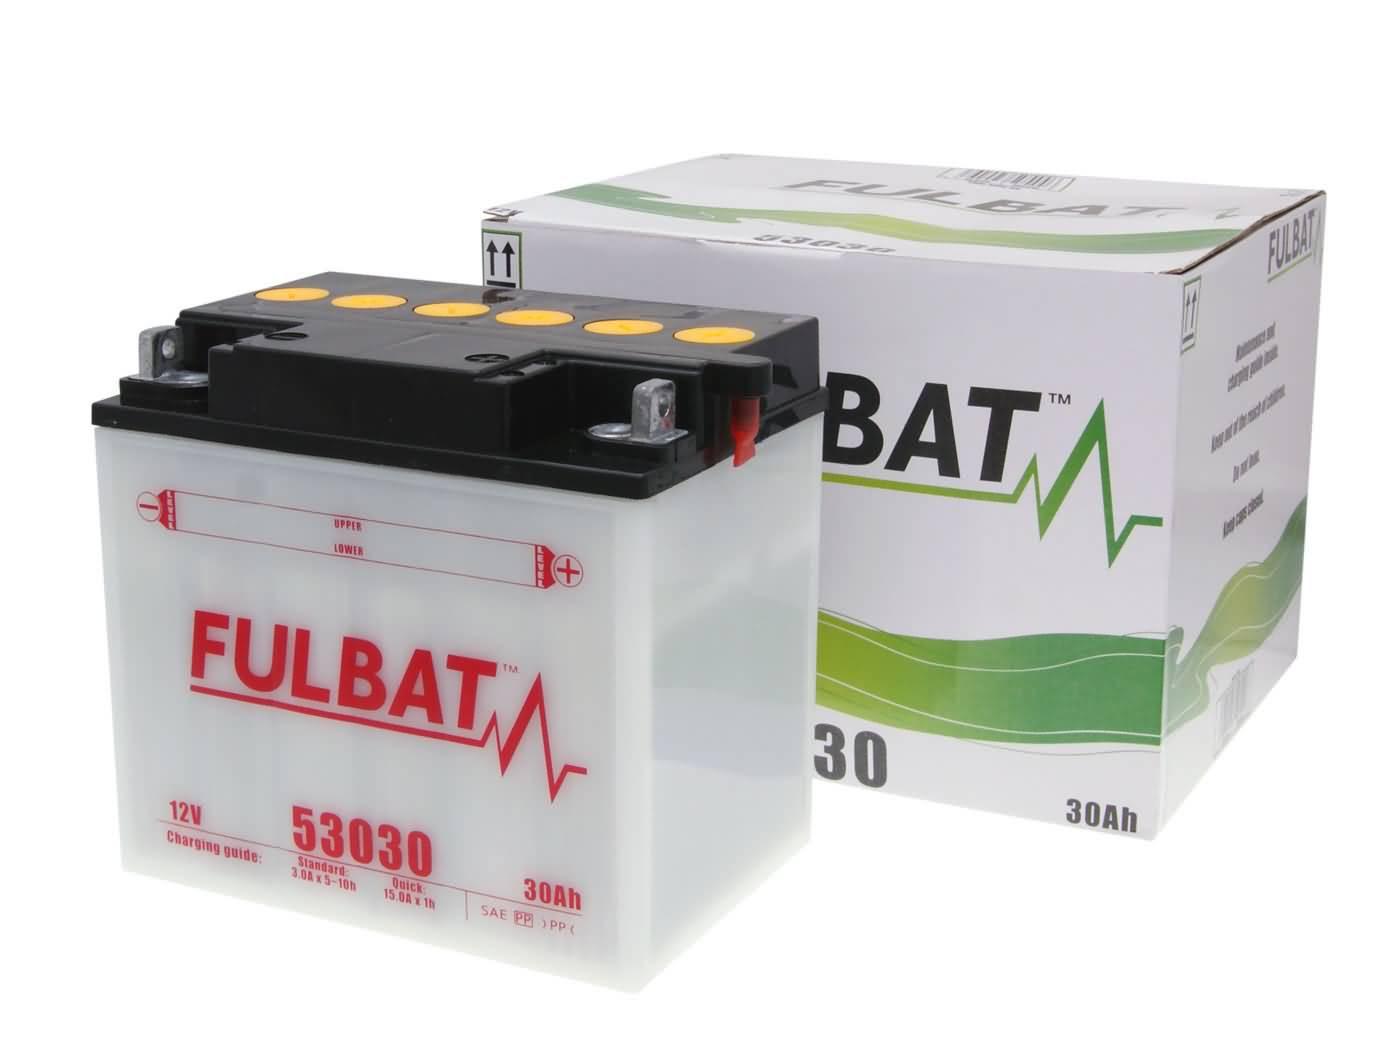 Fulbat 53030 / Y60-N30L-A DRY száraz akkumulátor + savcsomag